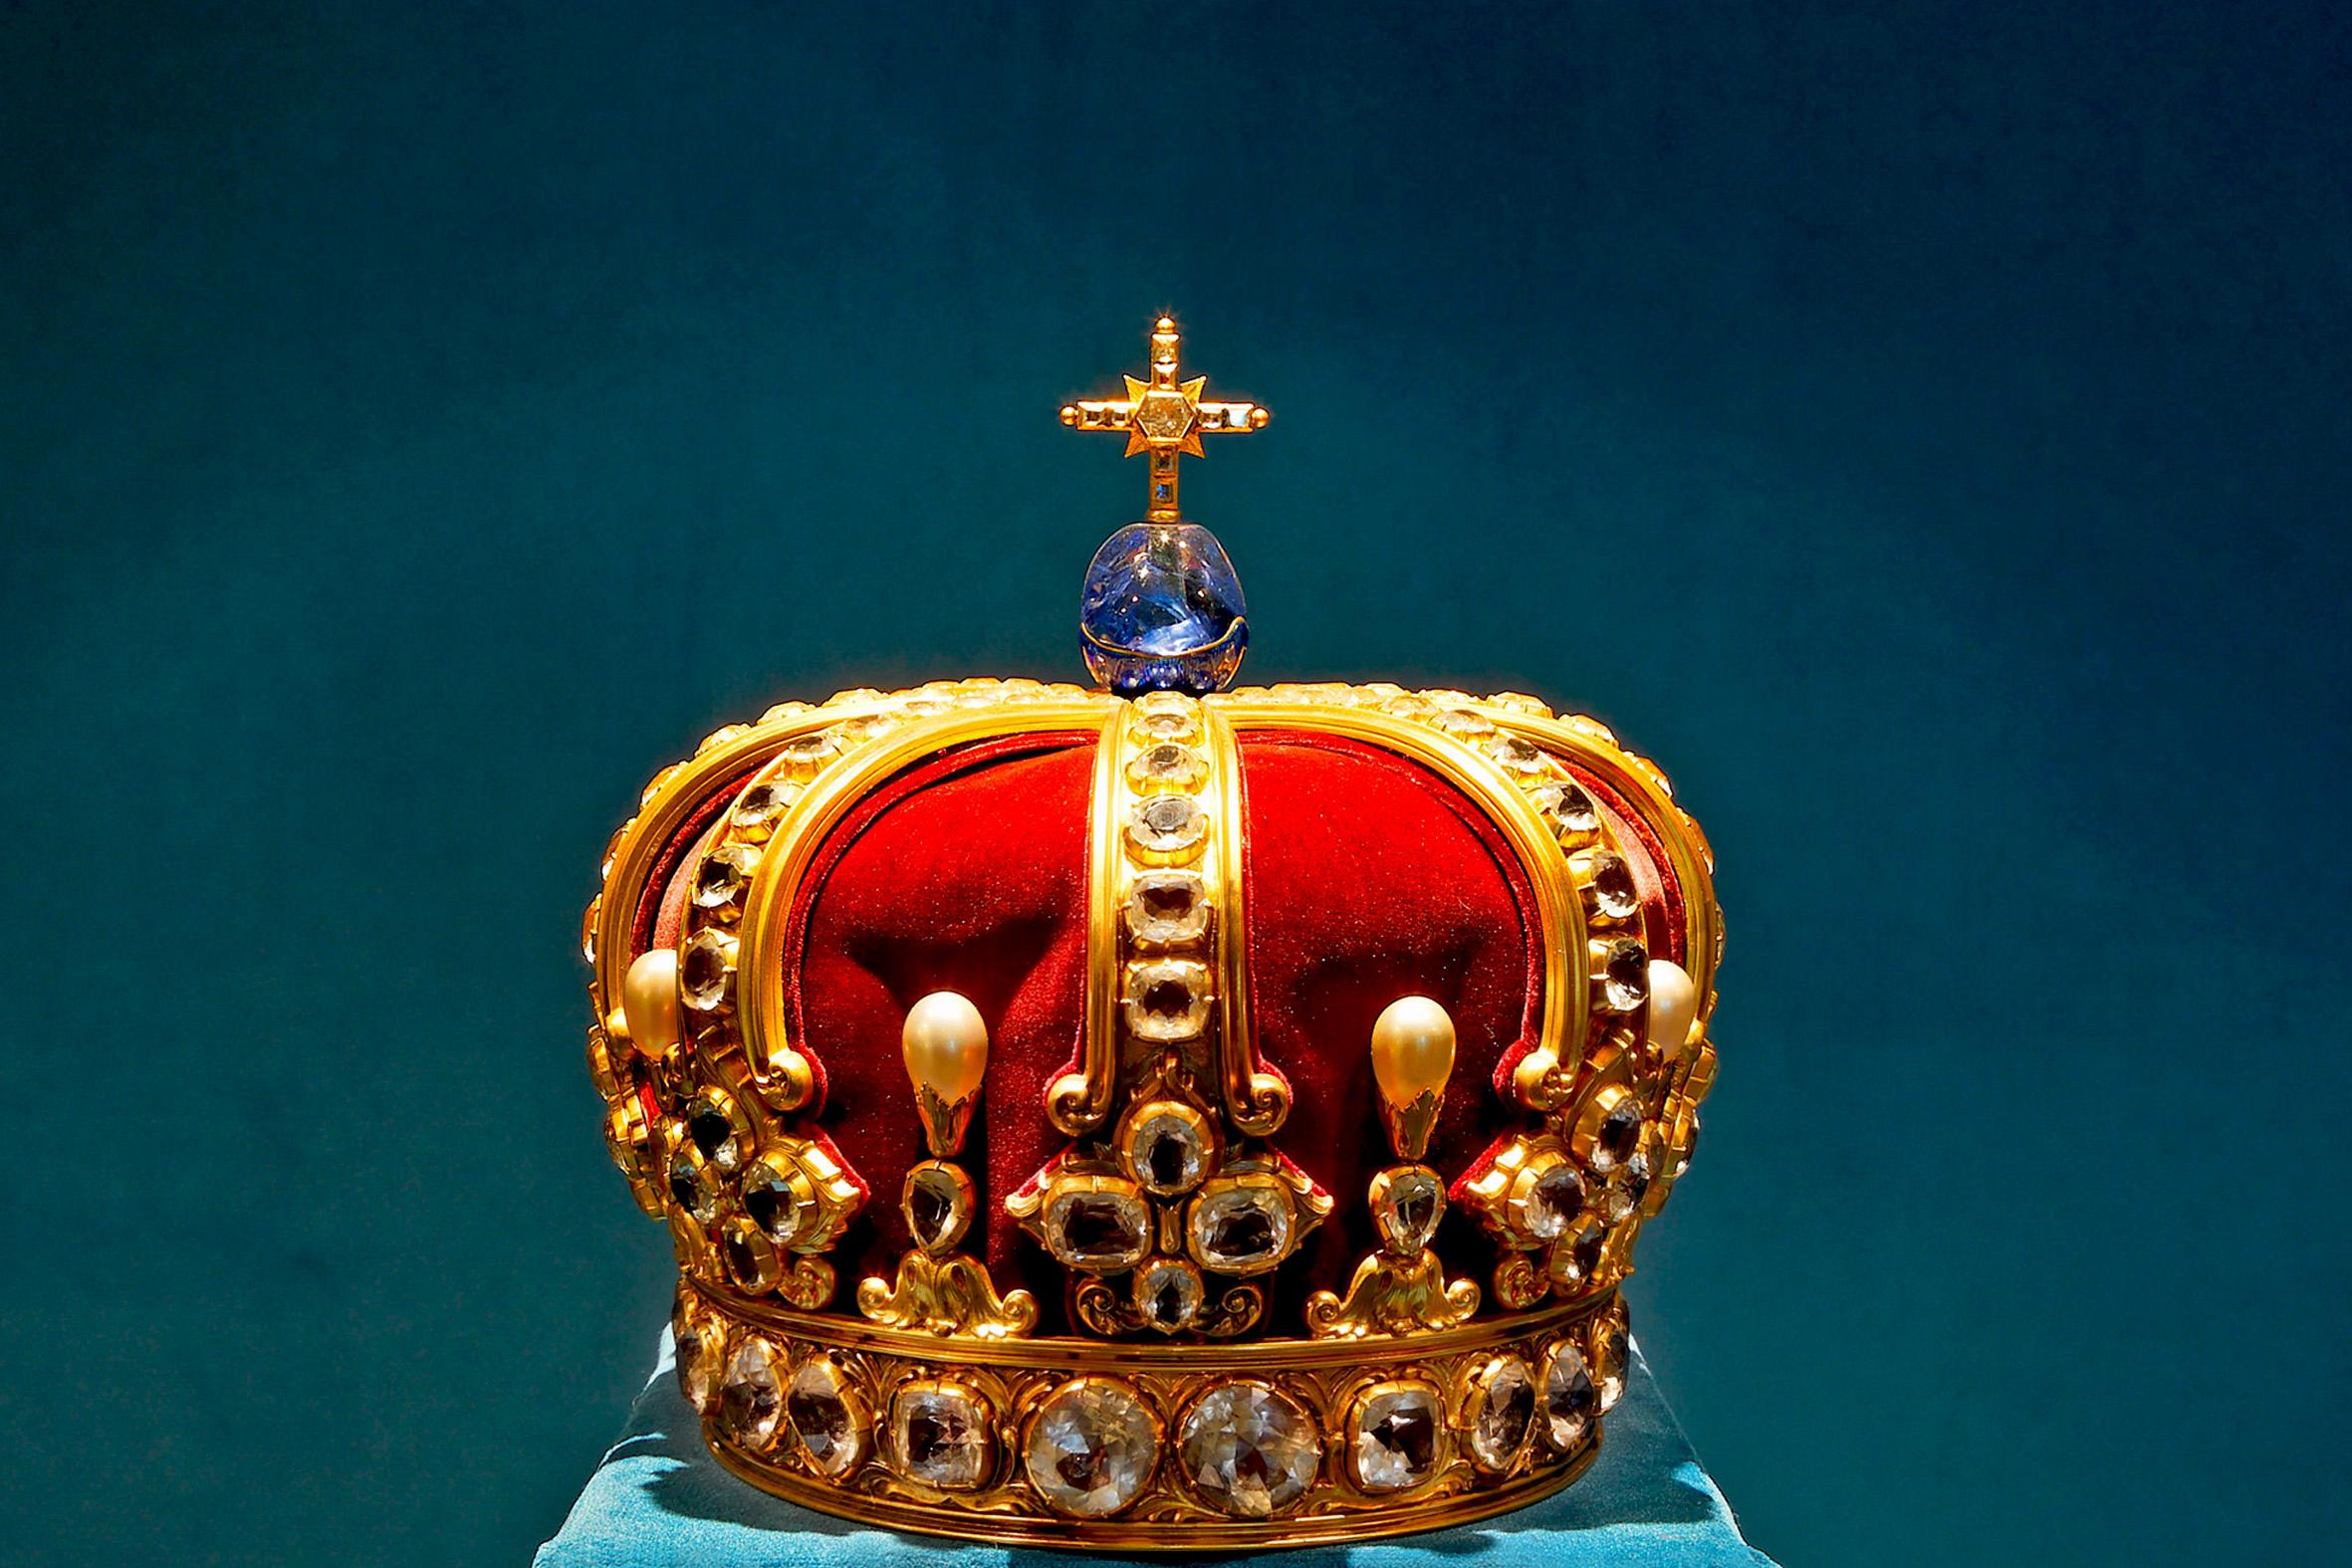 Preussische Koenigs Krone